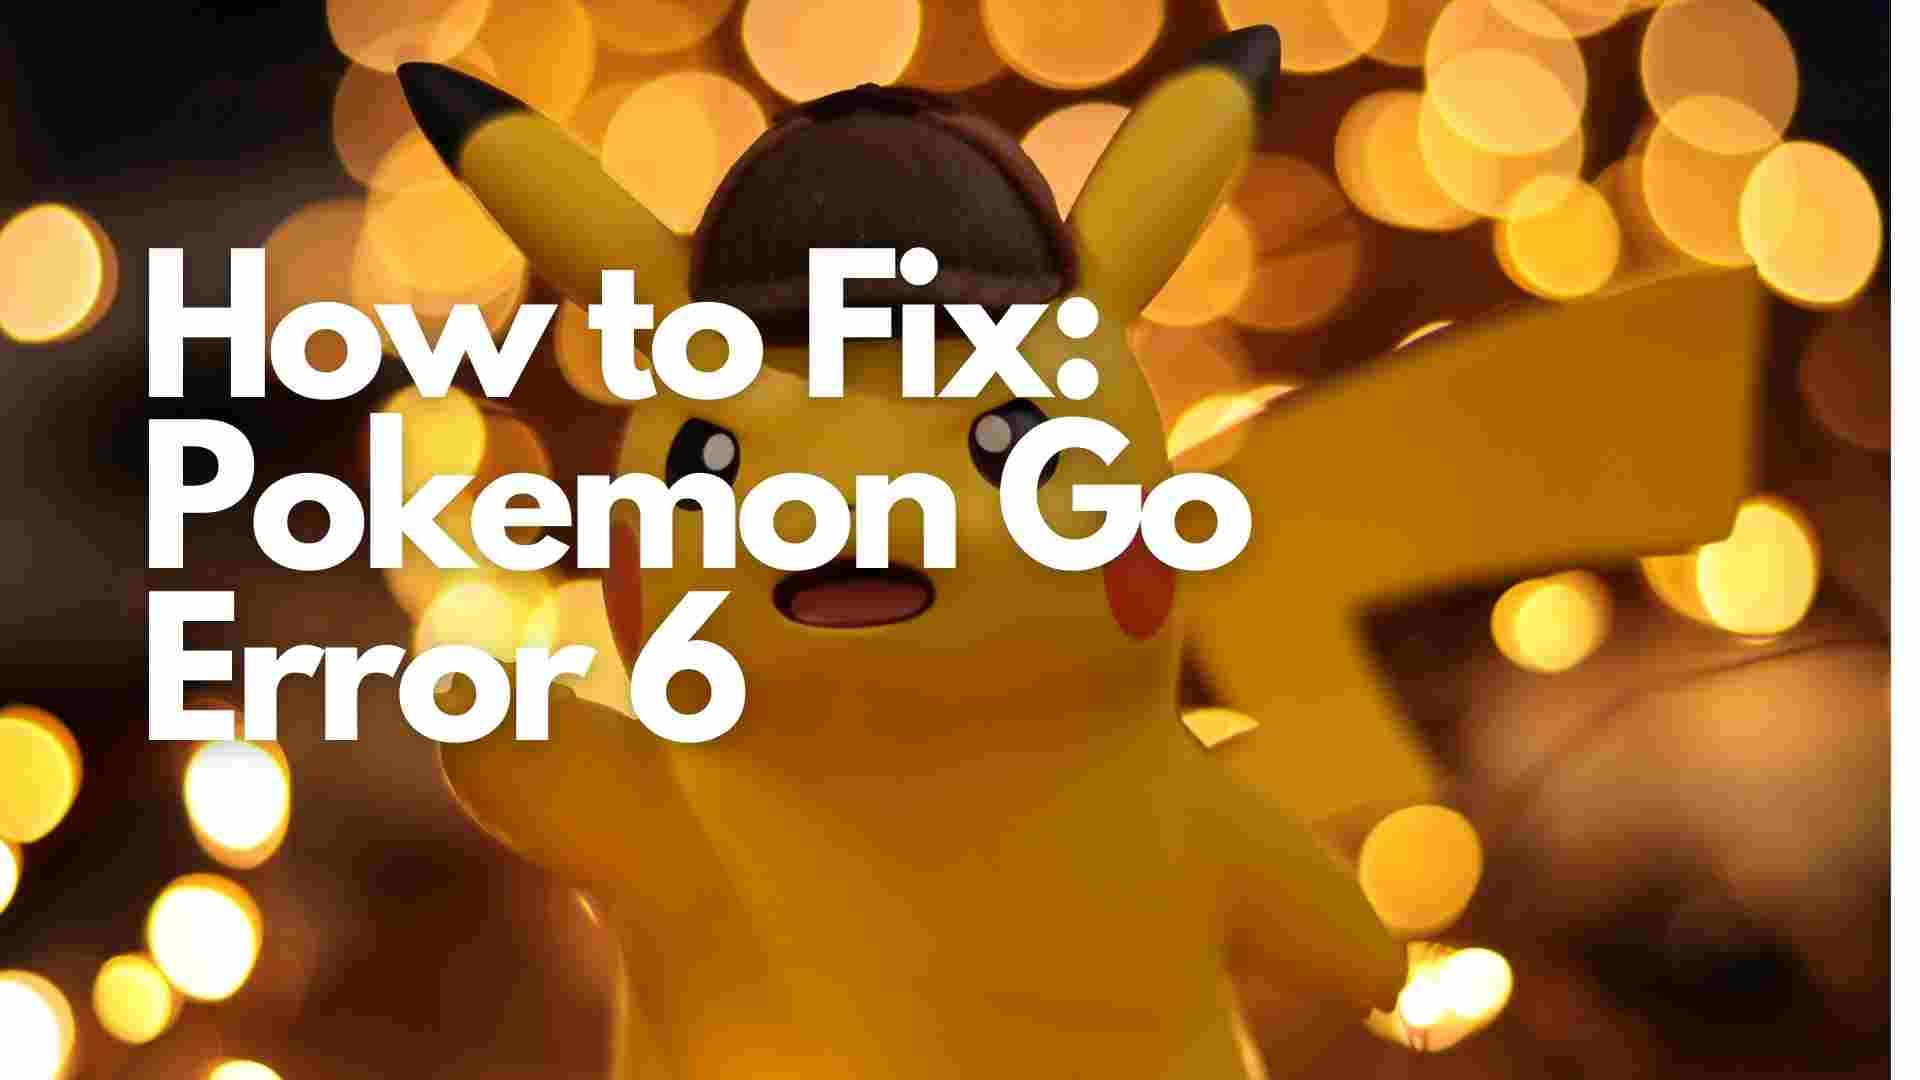 How to Fix Pokemon Go Error 6